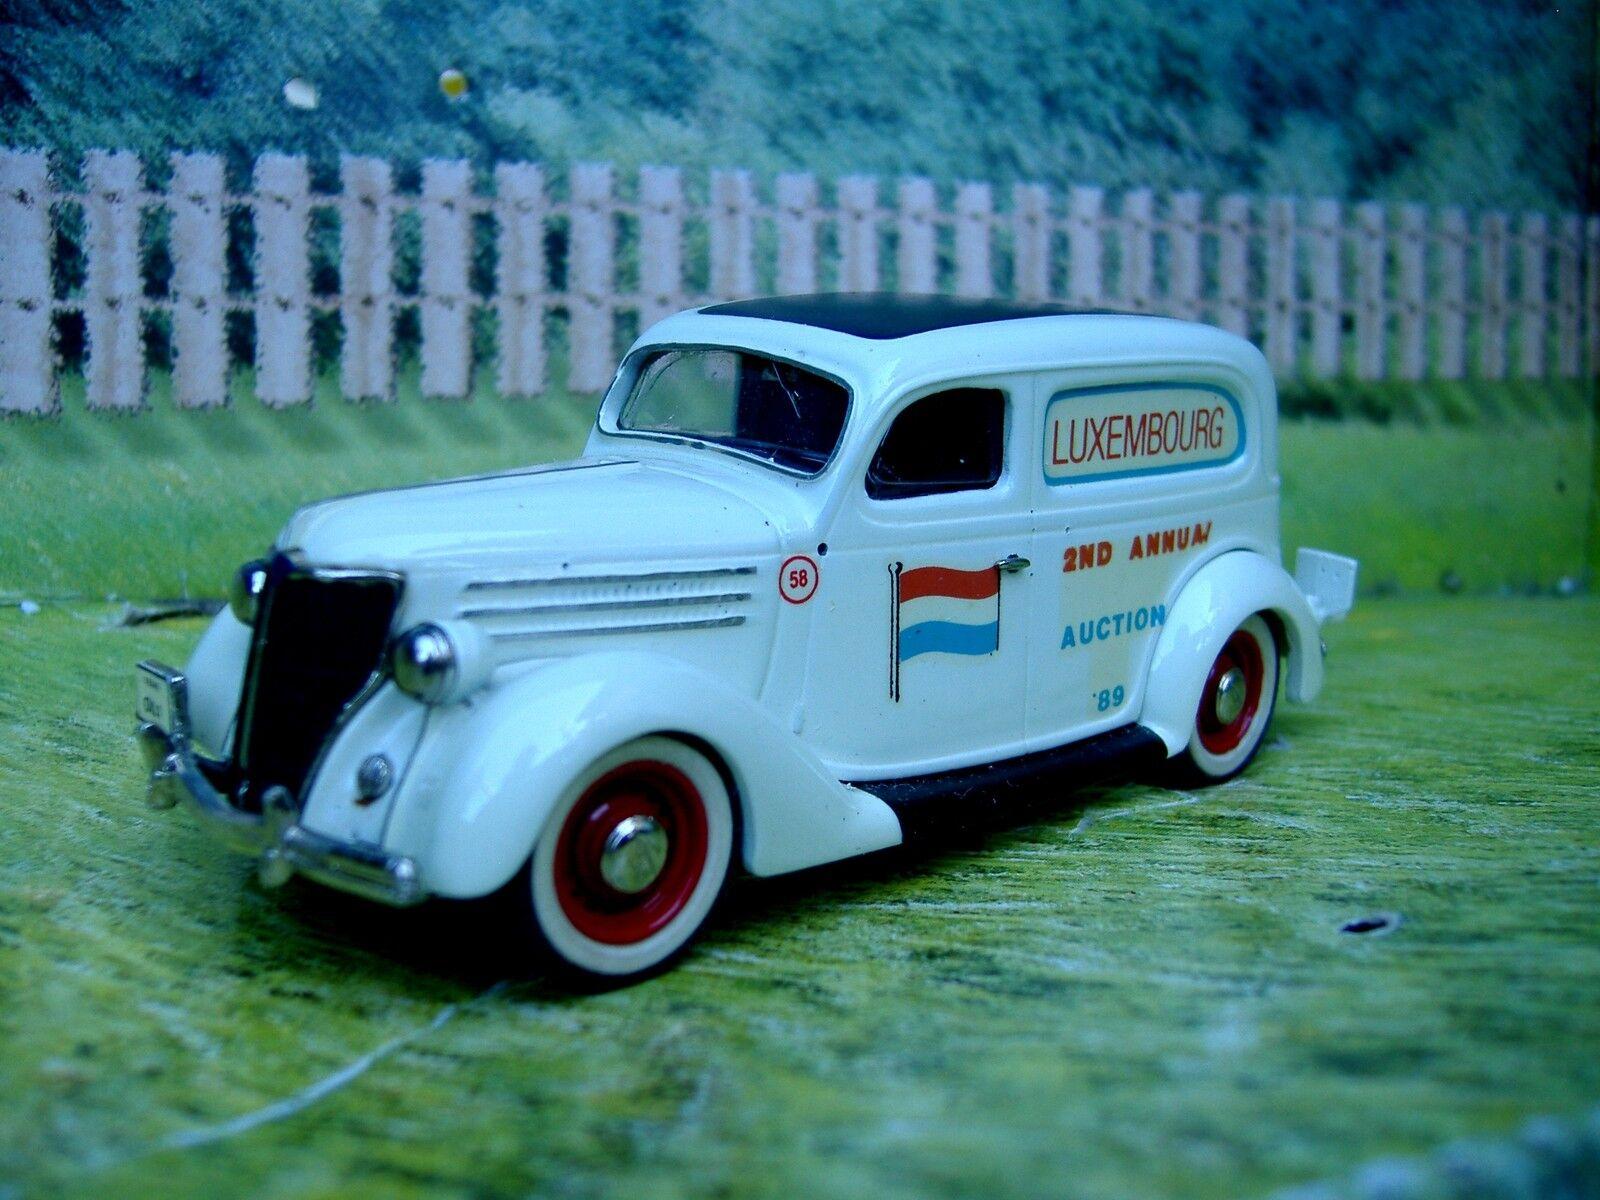 1 43 Minimarque (England) Ford  sedan delivery 1936